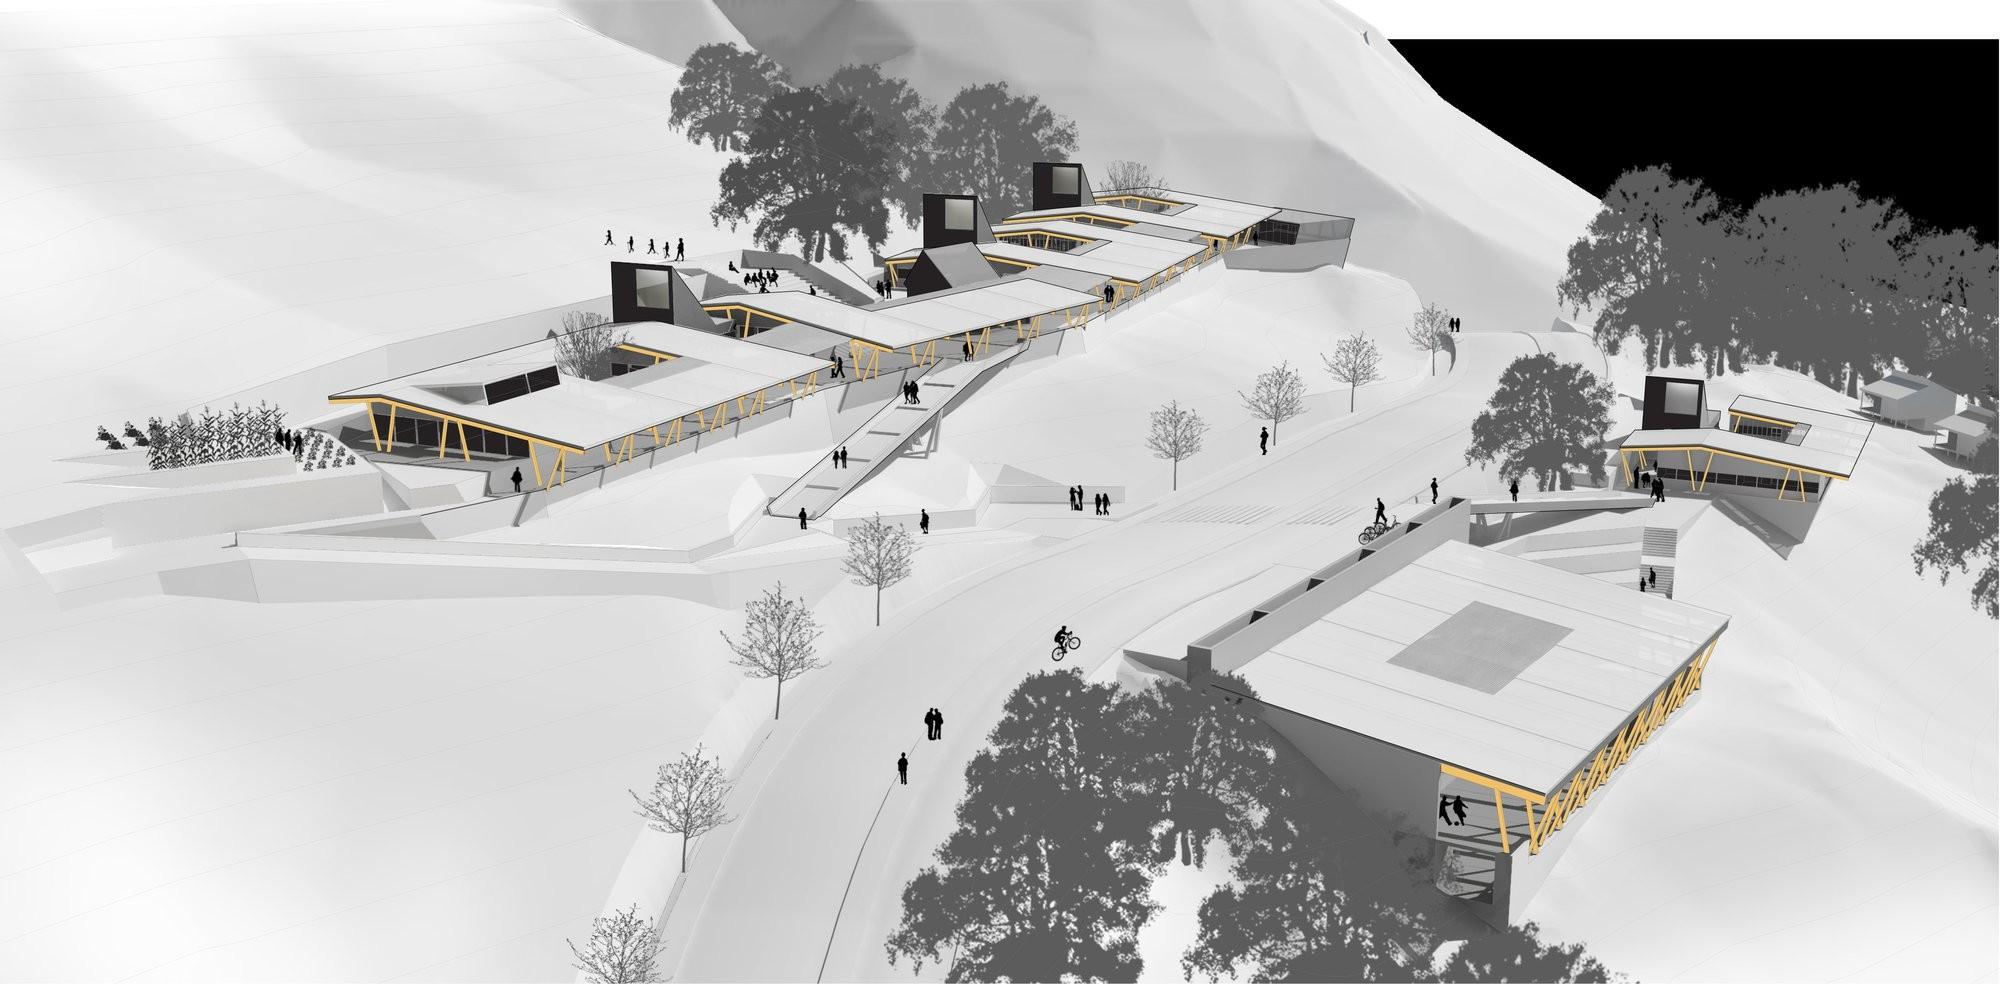 Cambio en reglamento de ChileCompra permitirá mayor valoración de la calidad arquitectónica en Concursos Públicos, 1er lugar Concurso Colegio Robinson Crusoe para Archipiélago Juan Fernández. Image Cortesia de DRAA